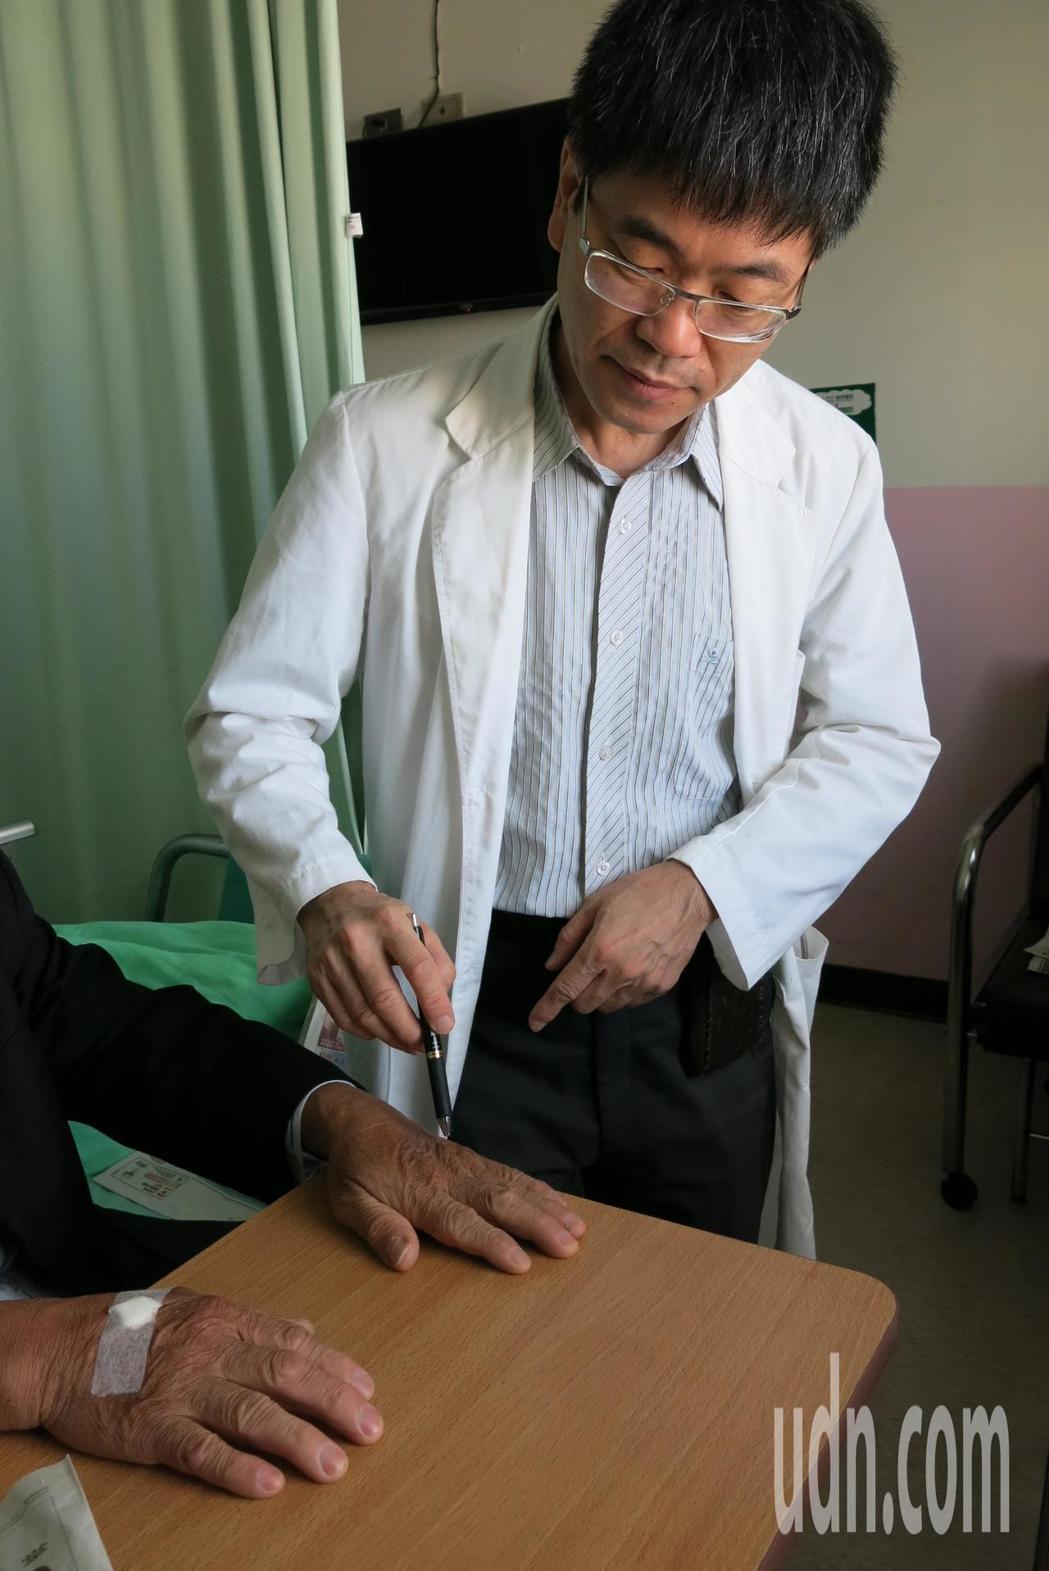 呂男因處理豬腳時,雙手長時間泡在血水裡,加上他沒戴手套保護,導致血水中的細菌經由...